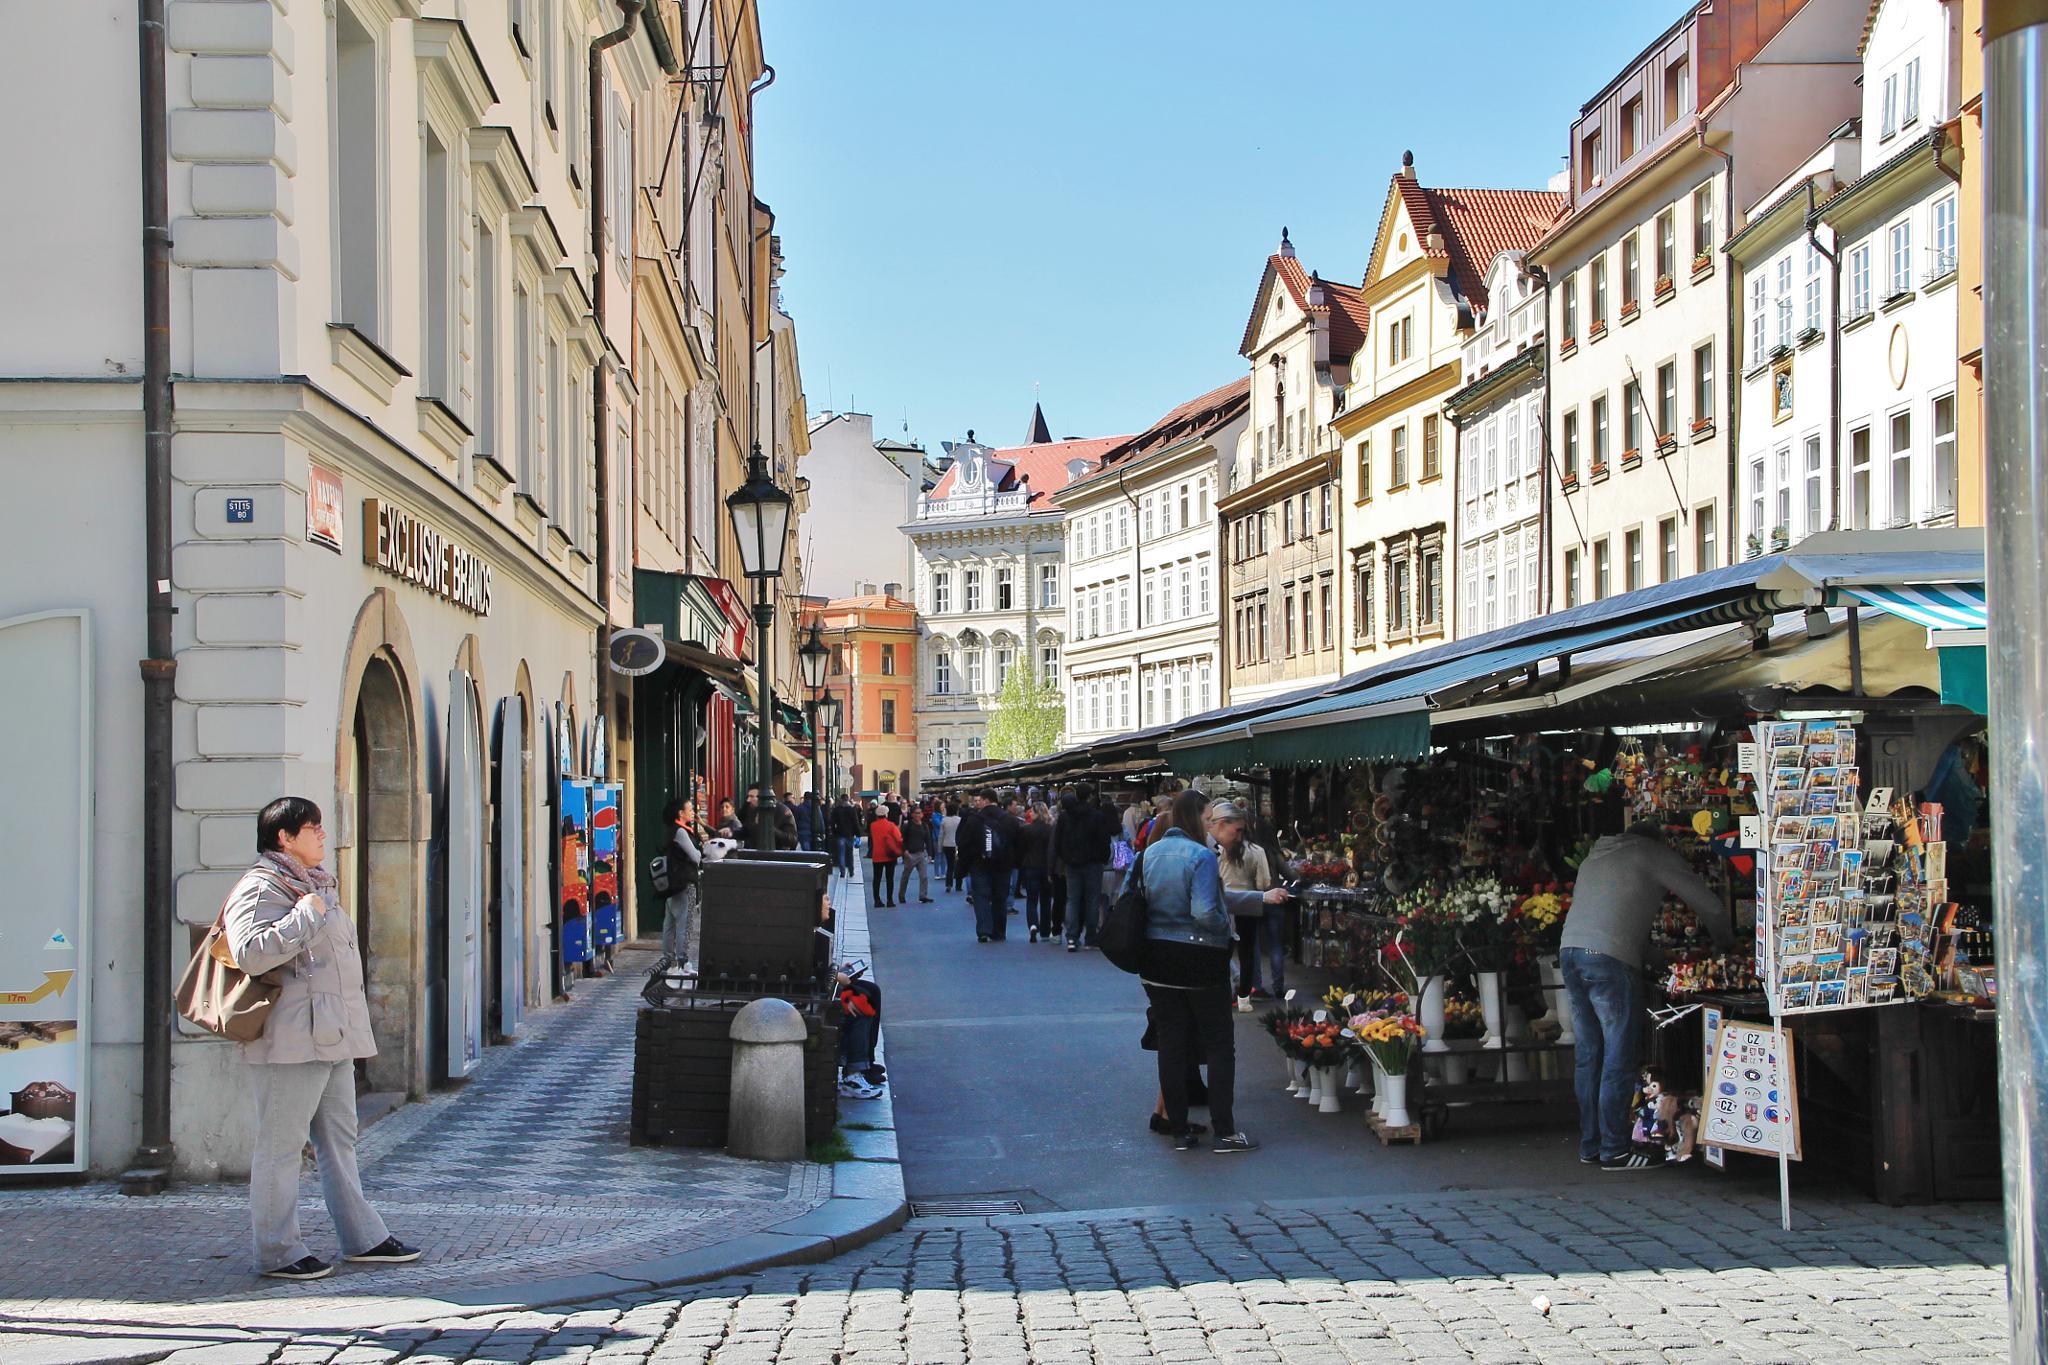 street fair in prague by ichernin